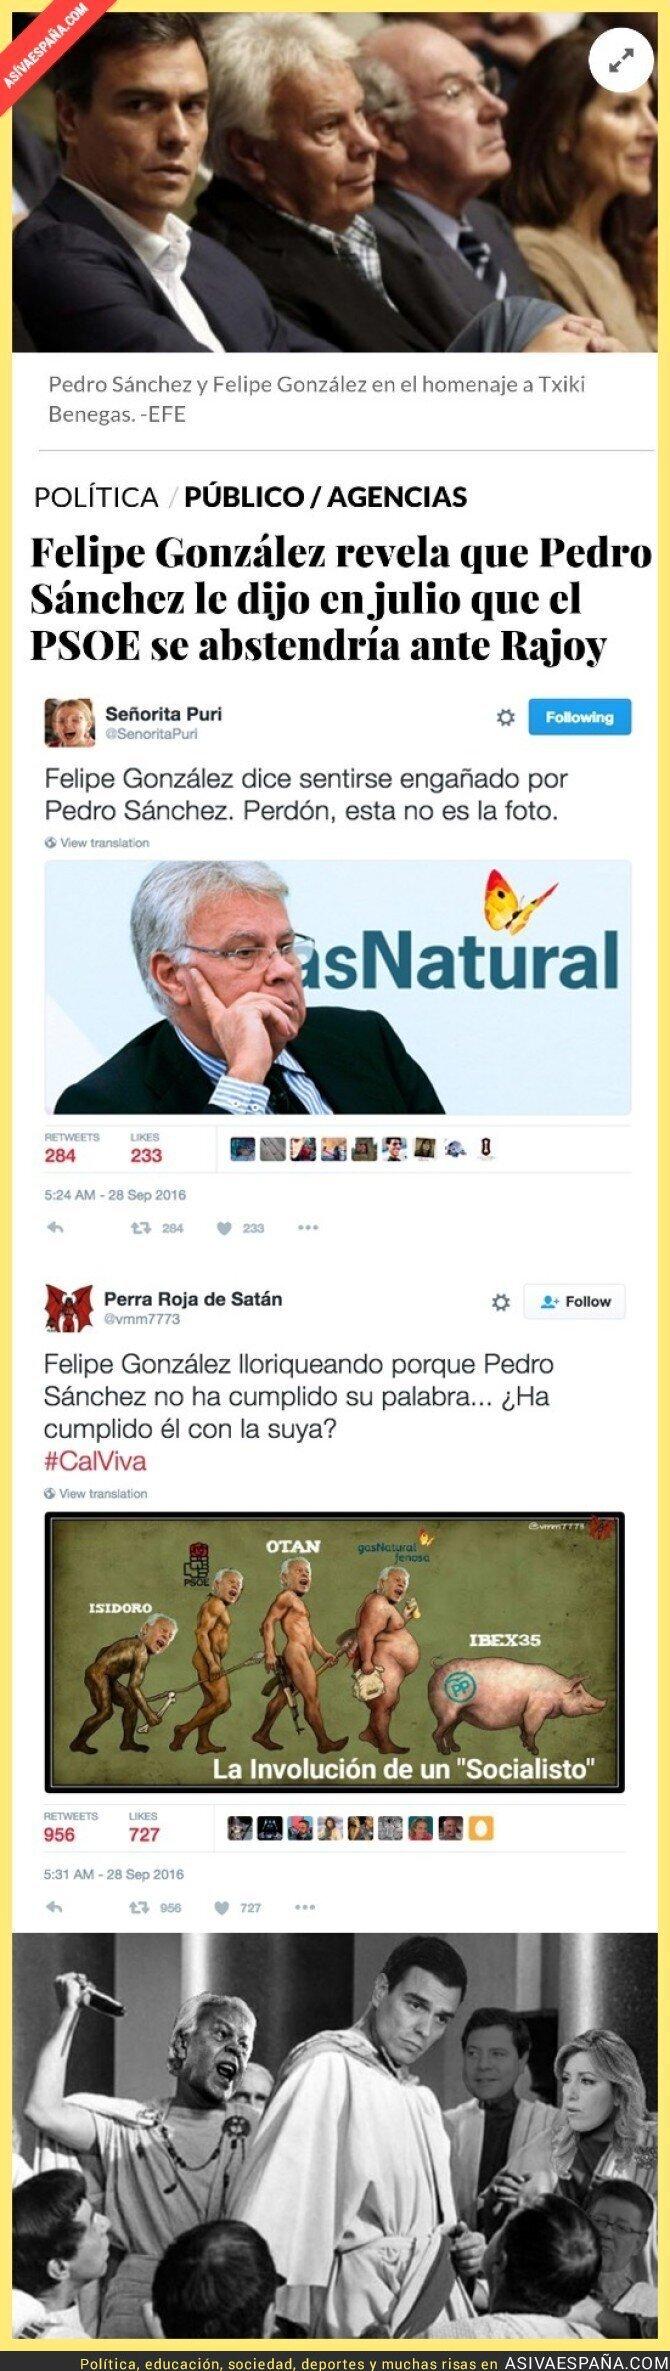 54233 - Felipe González dice que se siente engañado por Pedro Sánchez y se desata la polémica en el PSOE